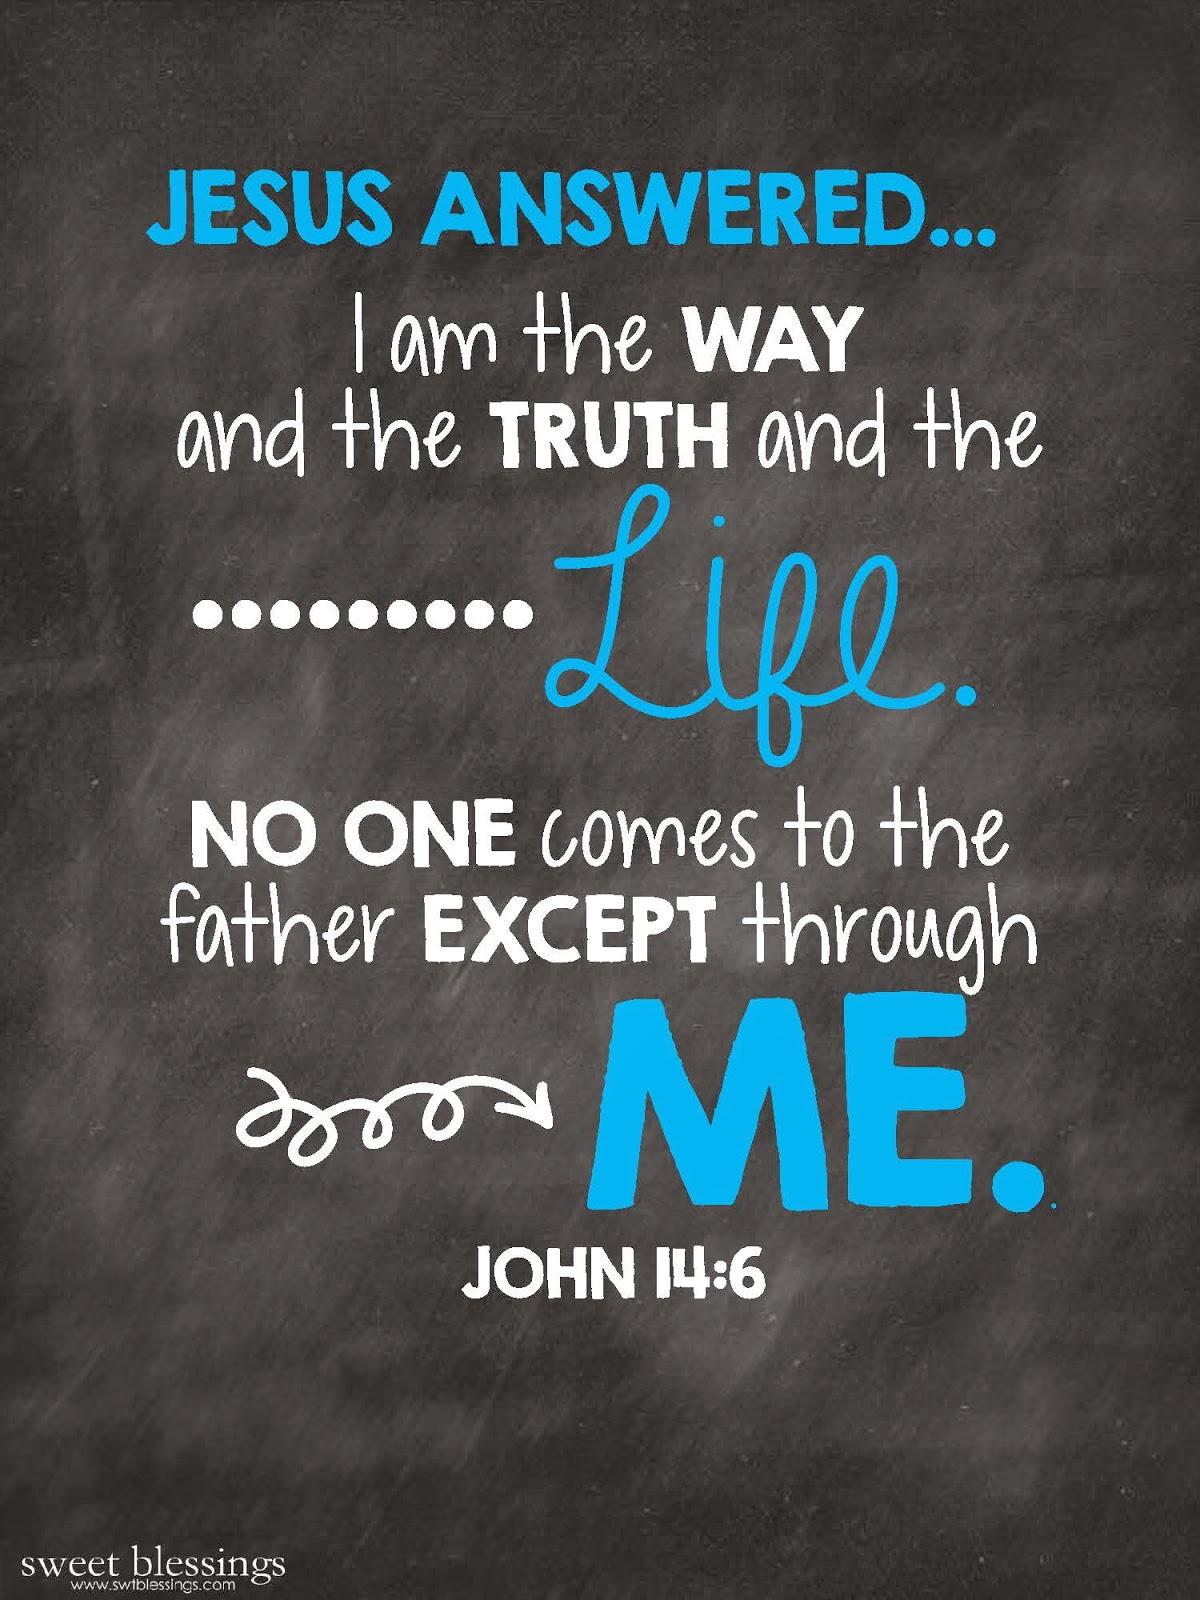 sweet blessings  christ is risen